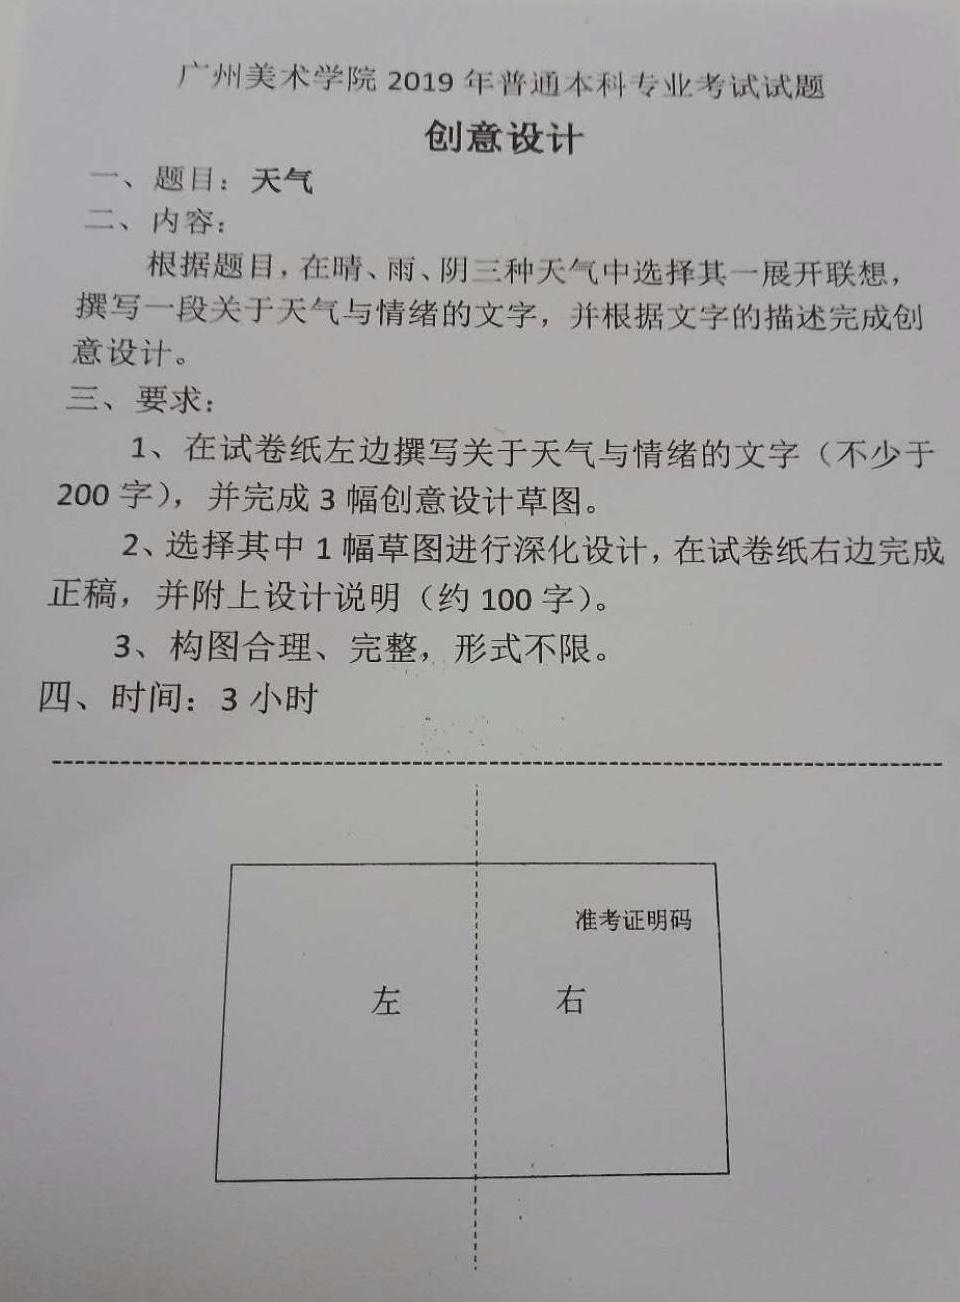 d494c1372f14179bdf980758eee5d16.jpg